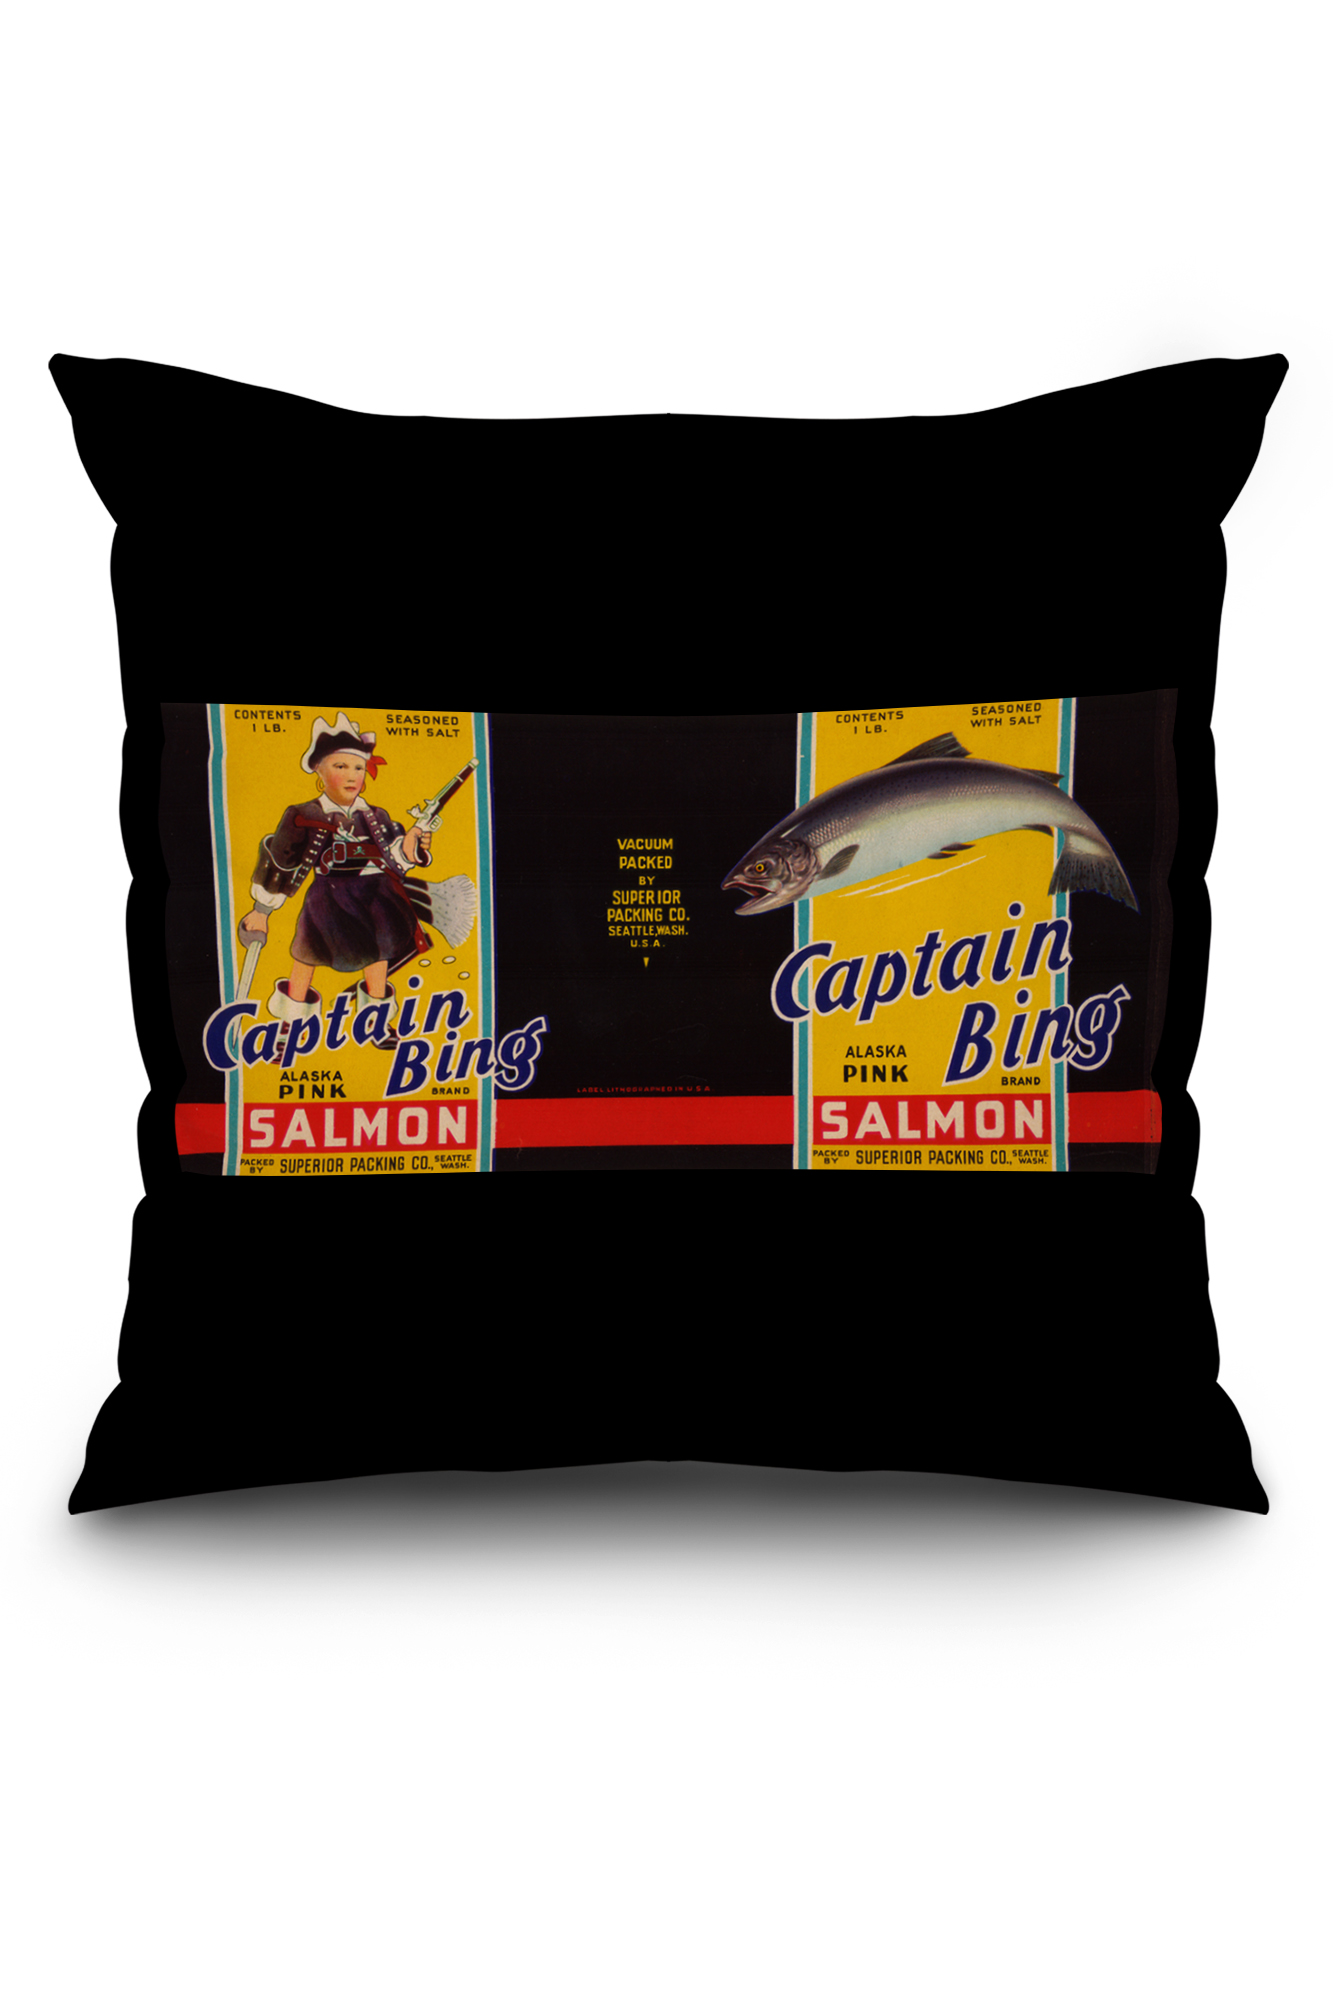 Www Bing Comseattle143 305 70: Captain Bing Brand Salmon Label